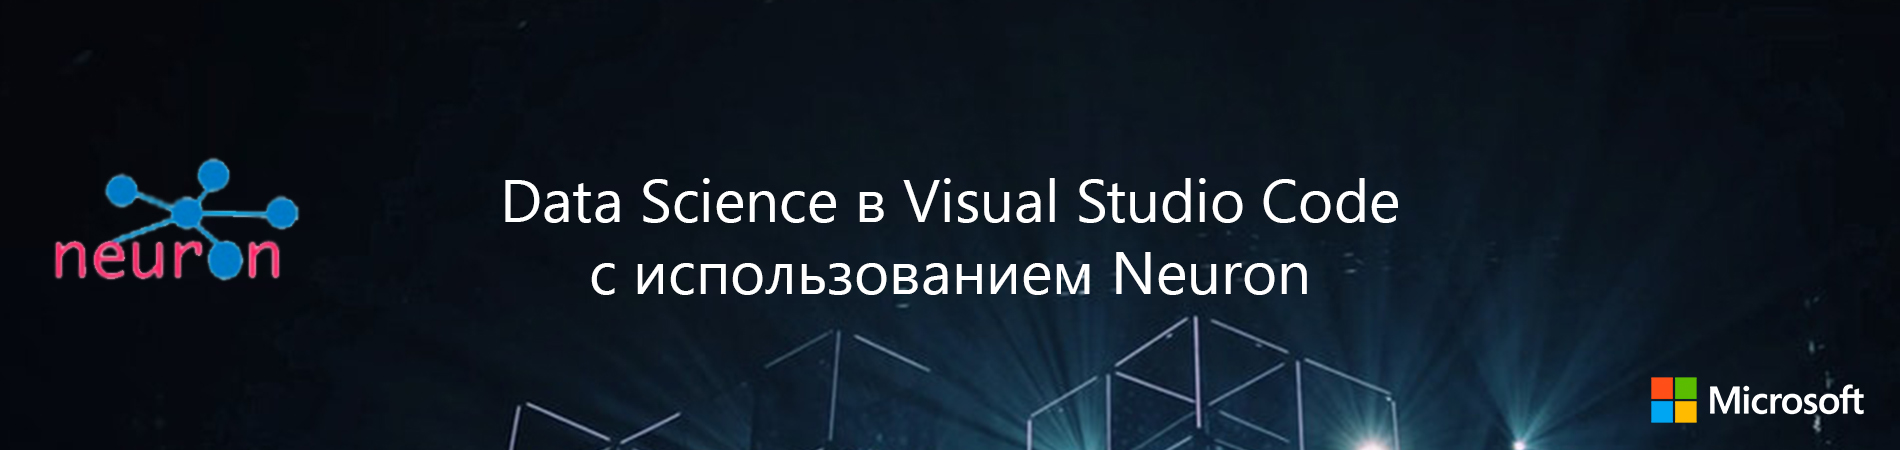 [Перевод] Data Science в Visual Studio Code с использованием Neuron